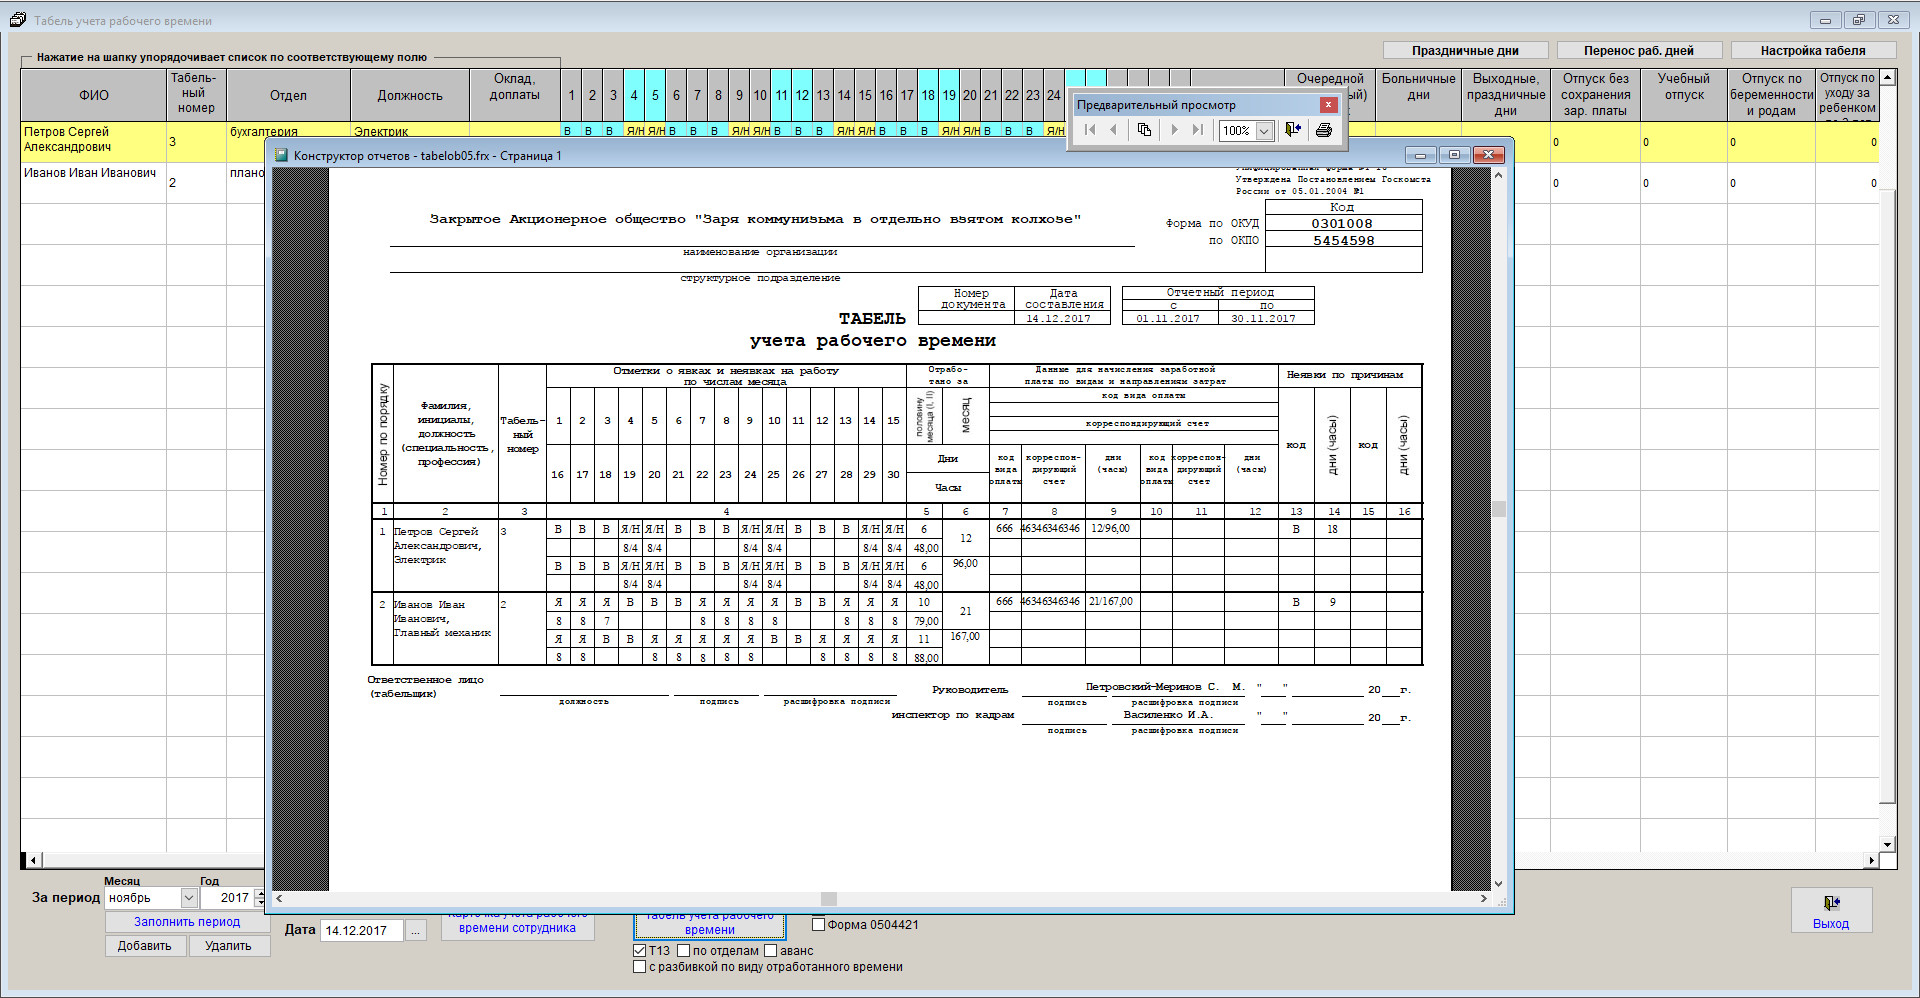 Как заполнить и распечатать табель учета рабочего времени для программы Юридический офис.